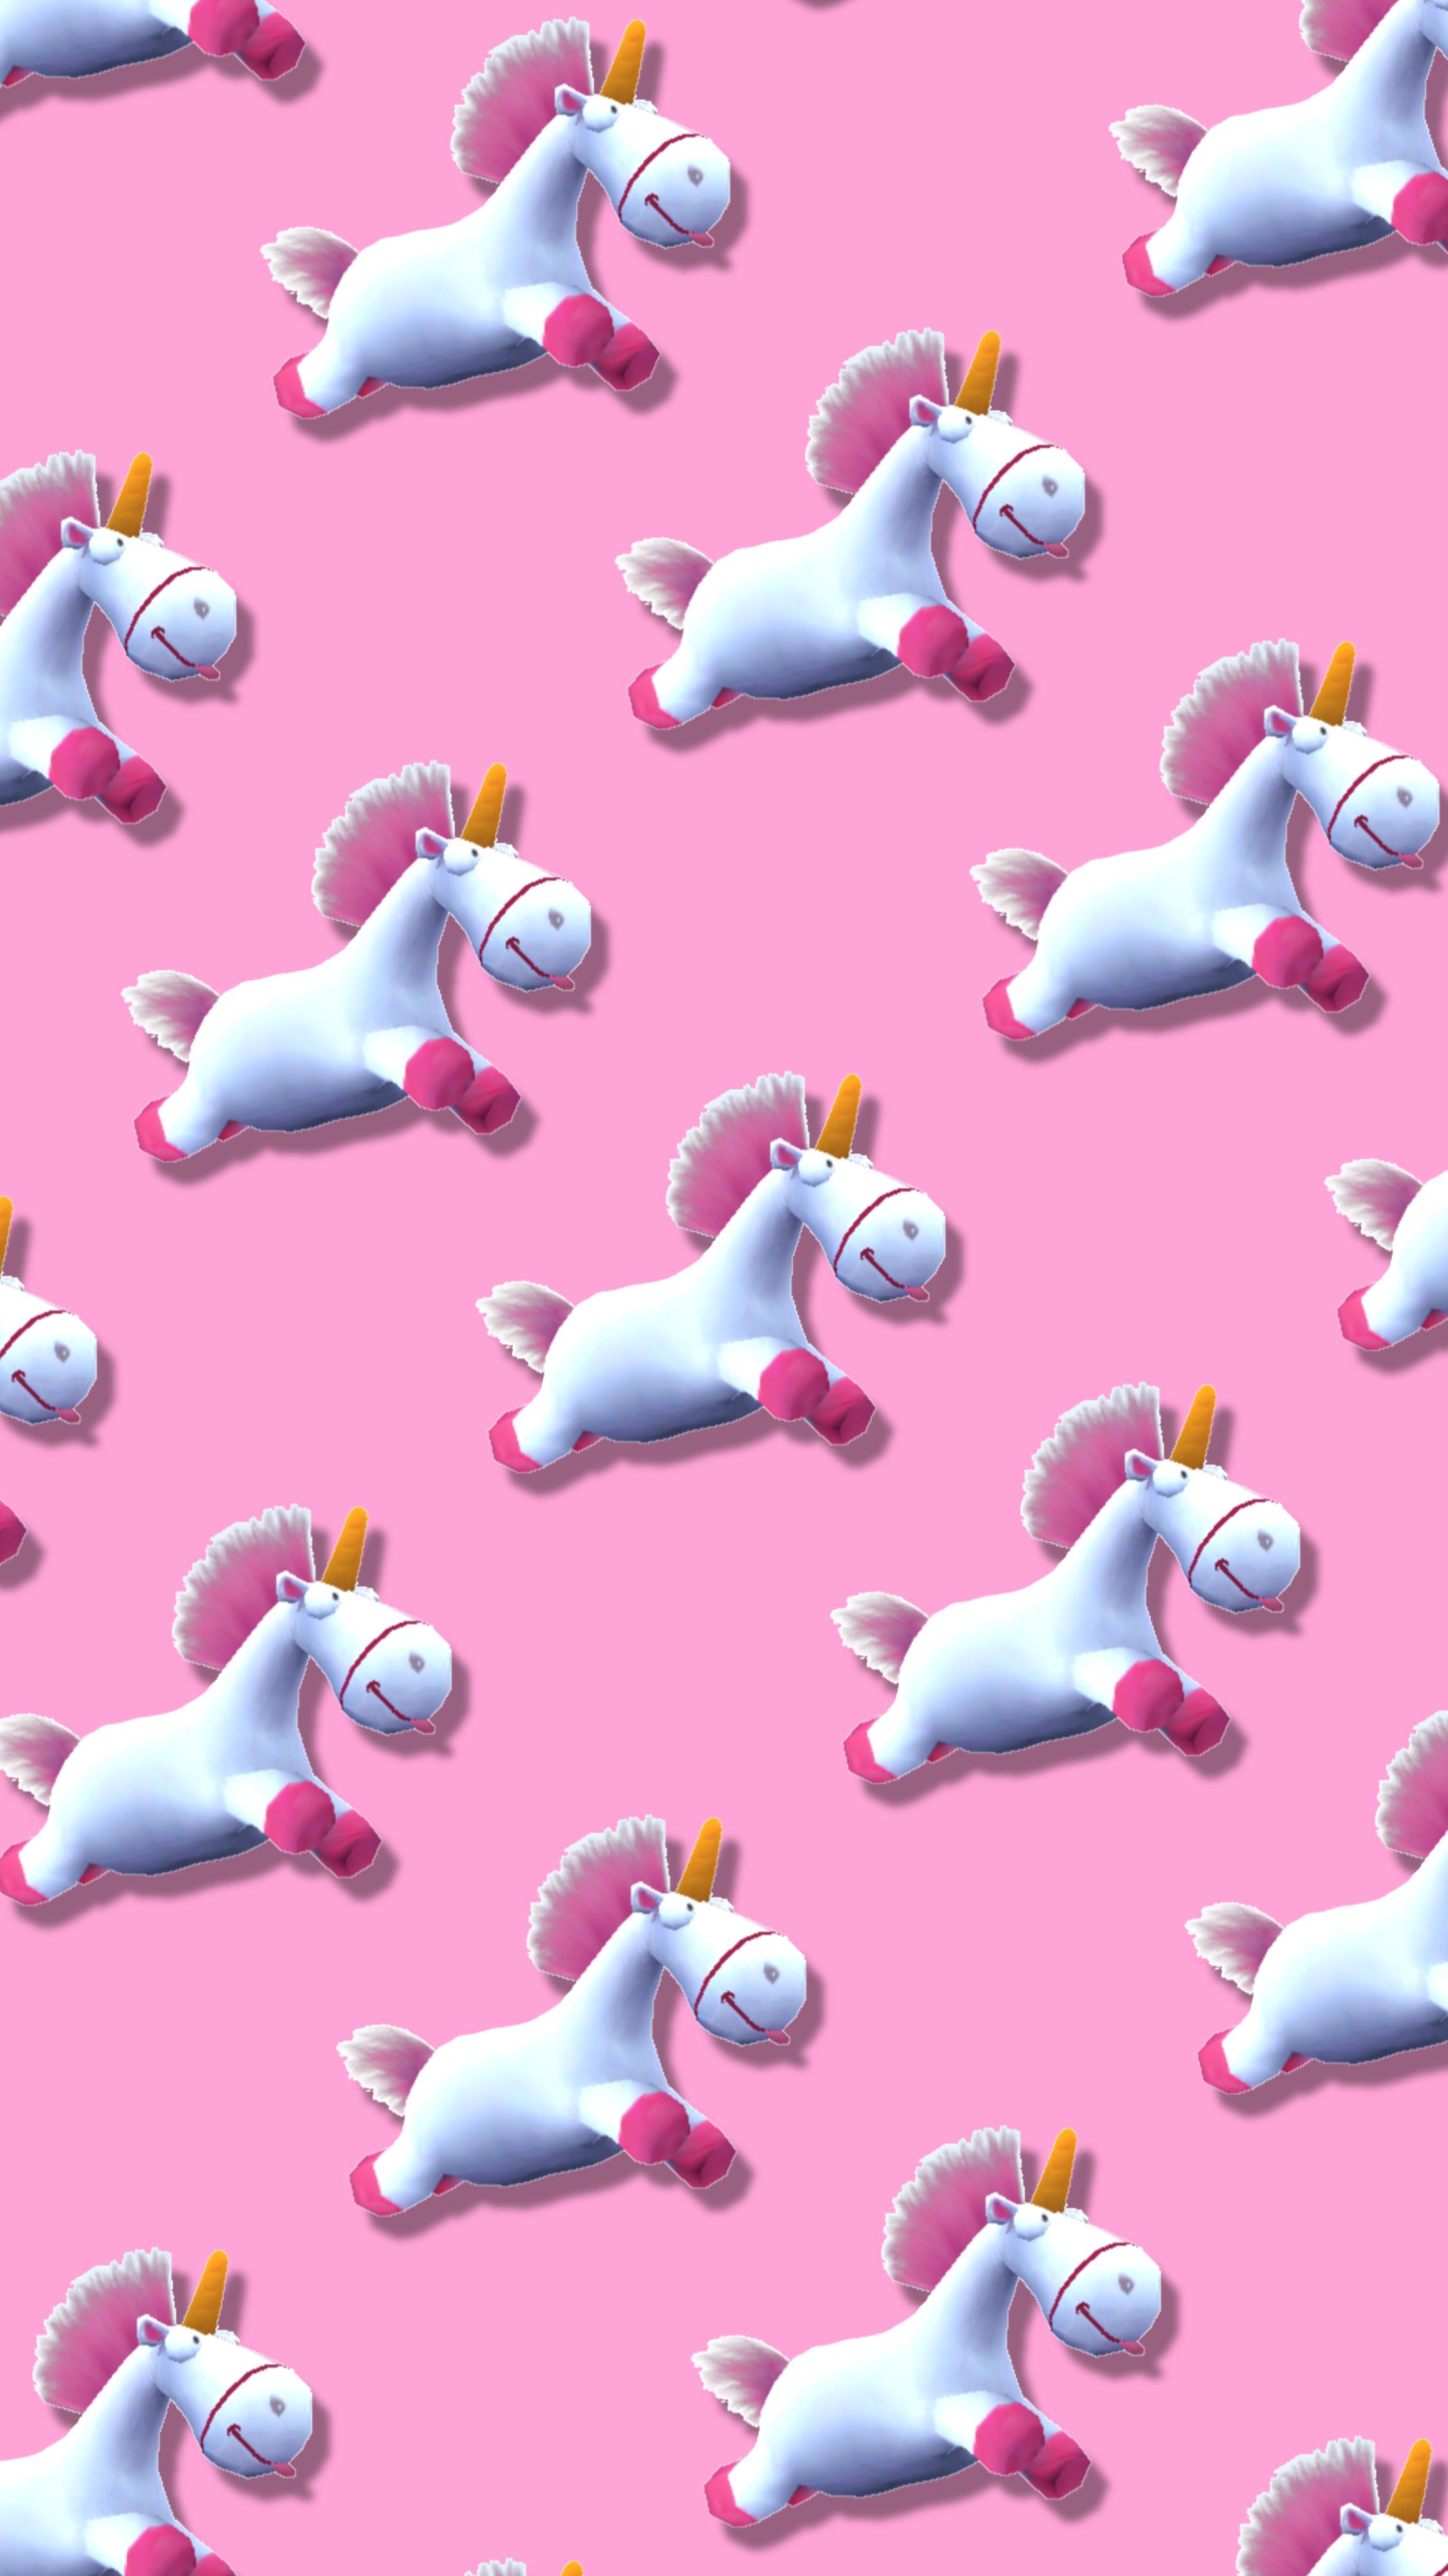 Epingle Par Marina Santos Sur Wallpapers Pinterest Licornes